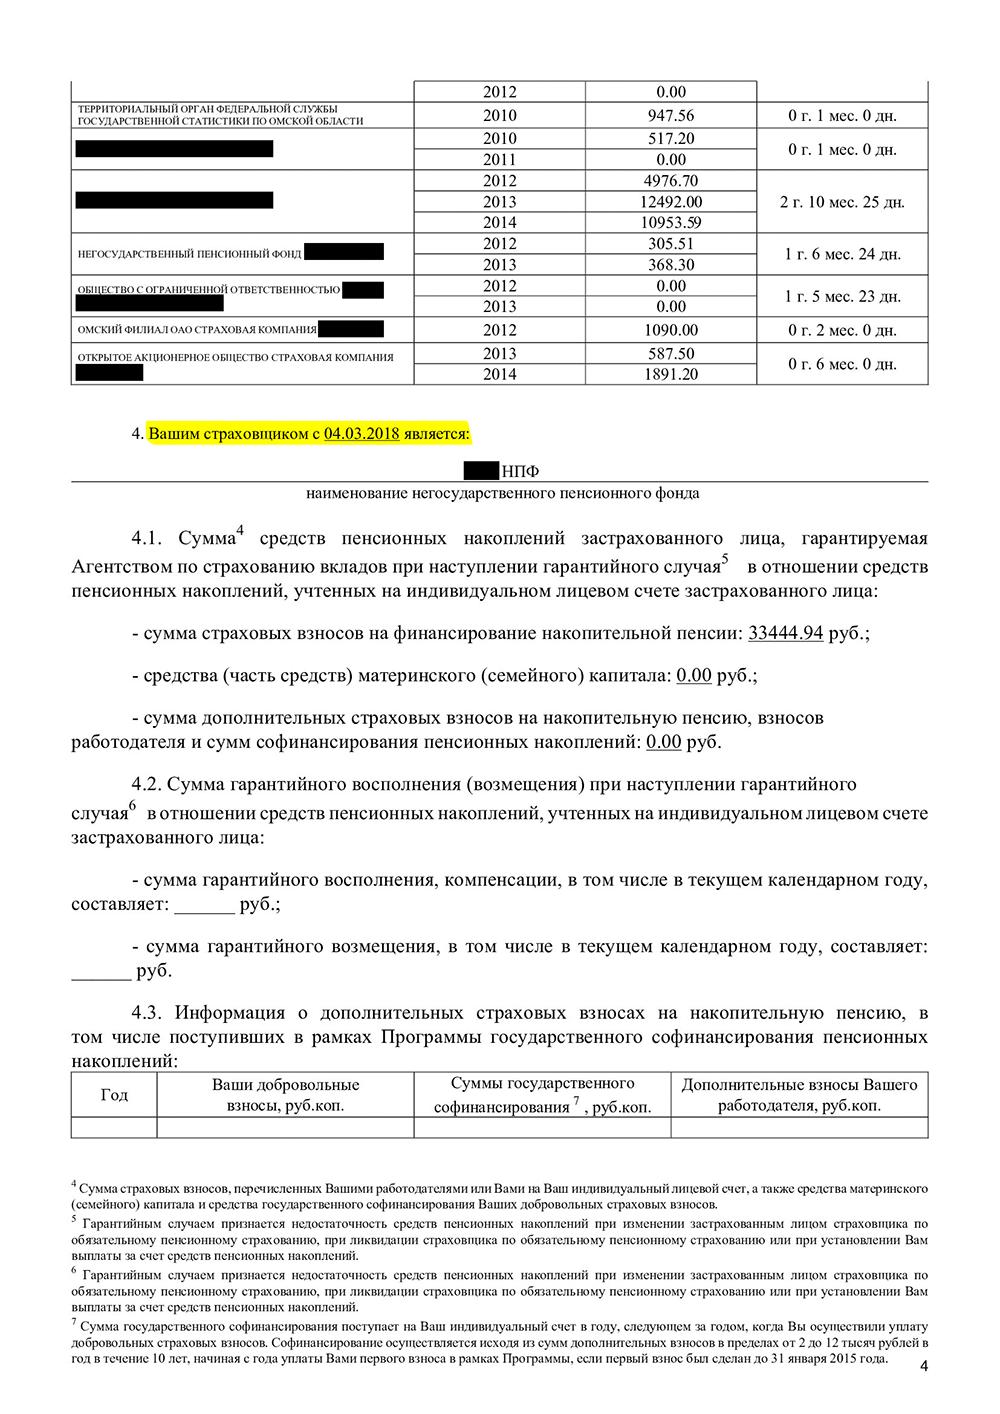 Мой последний договор с НПФ вступил в силу в 2018 году, значит, сменить фонд без потери процентов смогу в 2023 году. Подавать заявление о переходе в НПФ можно за год — в 2022 году